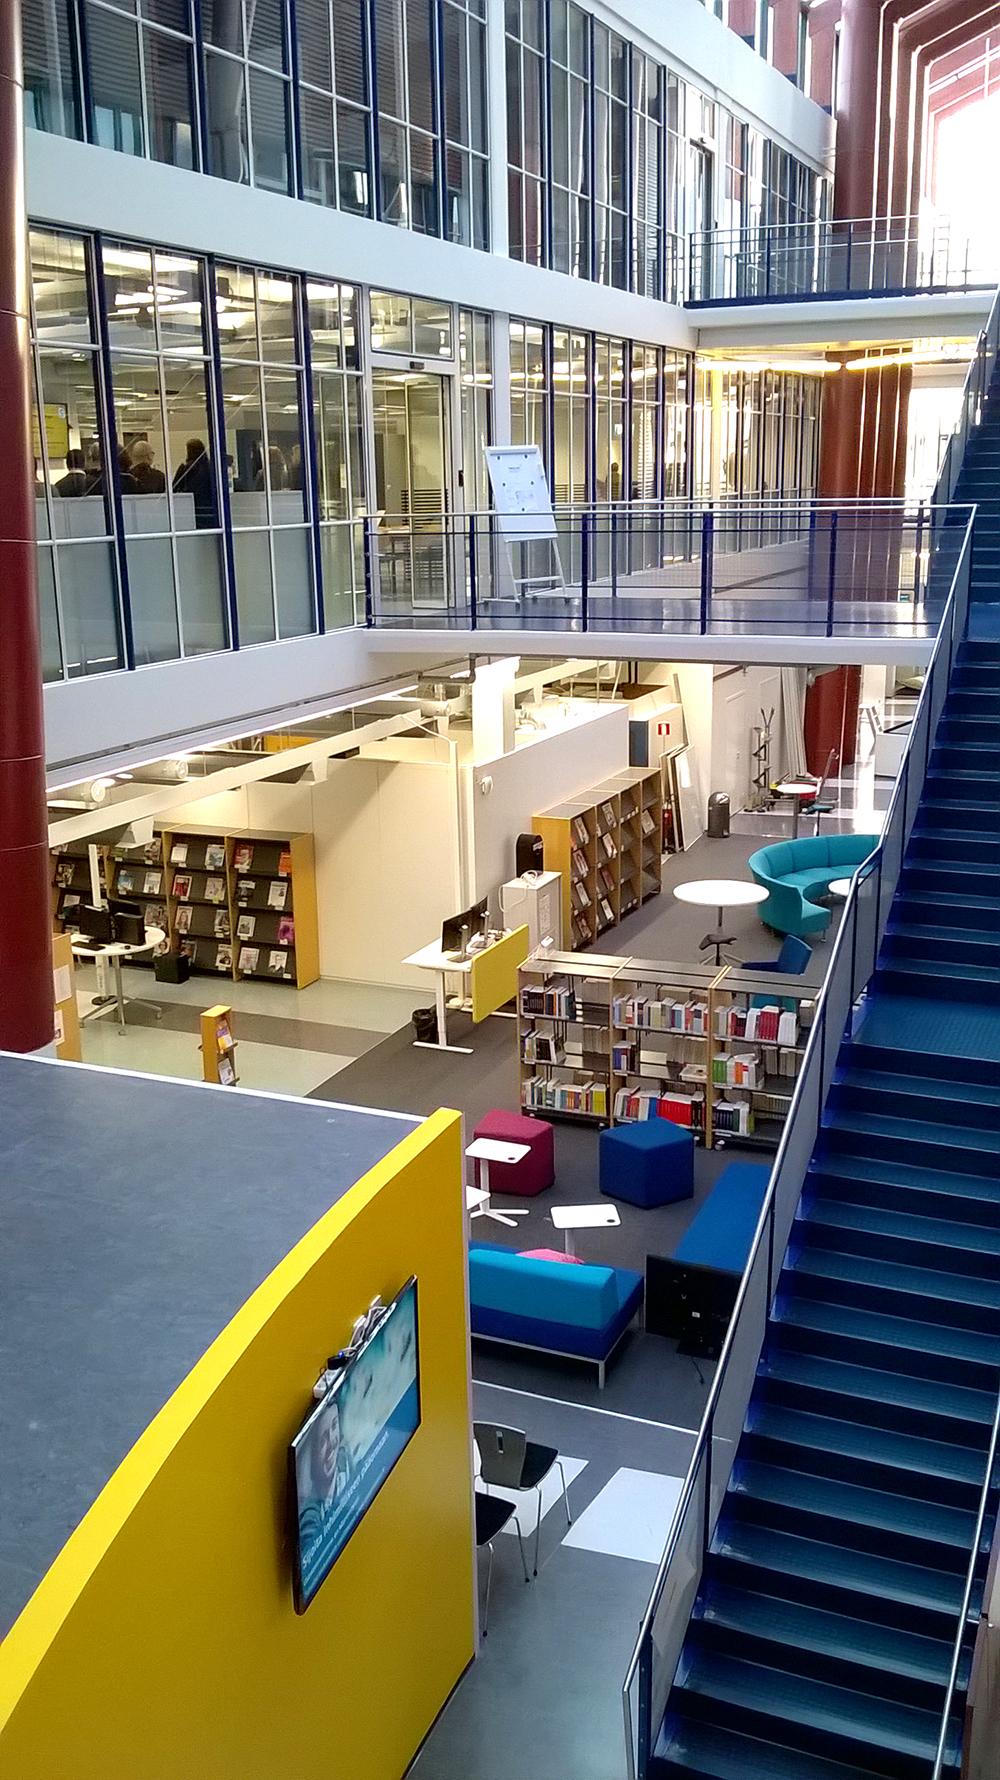 Kirjasto näkyy monesta suunnasta ja lasinen katto on korkealla.